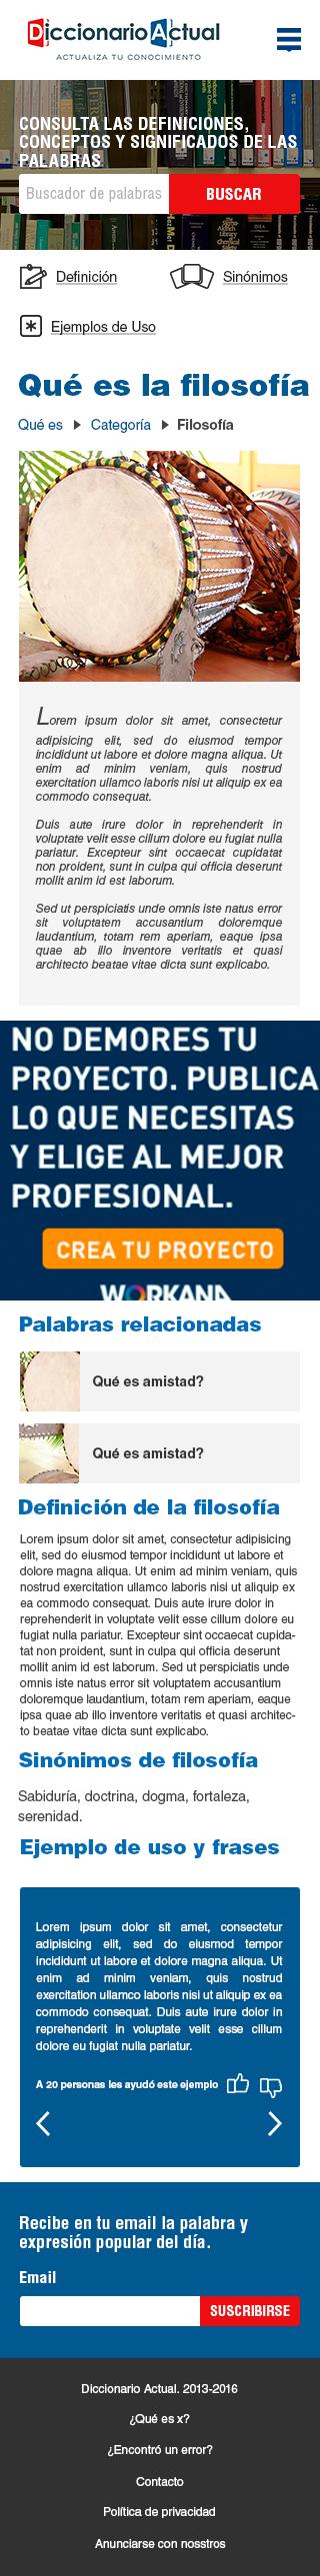 Diseño web para Diccionario Actual